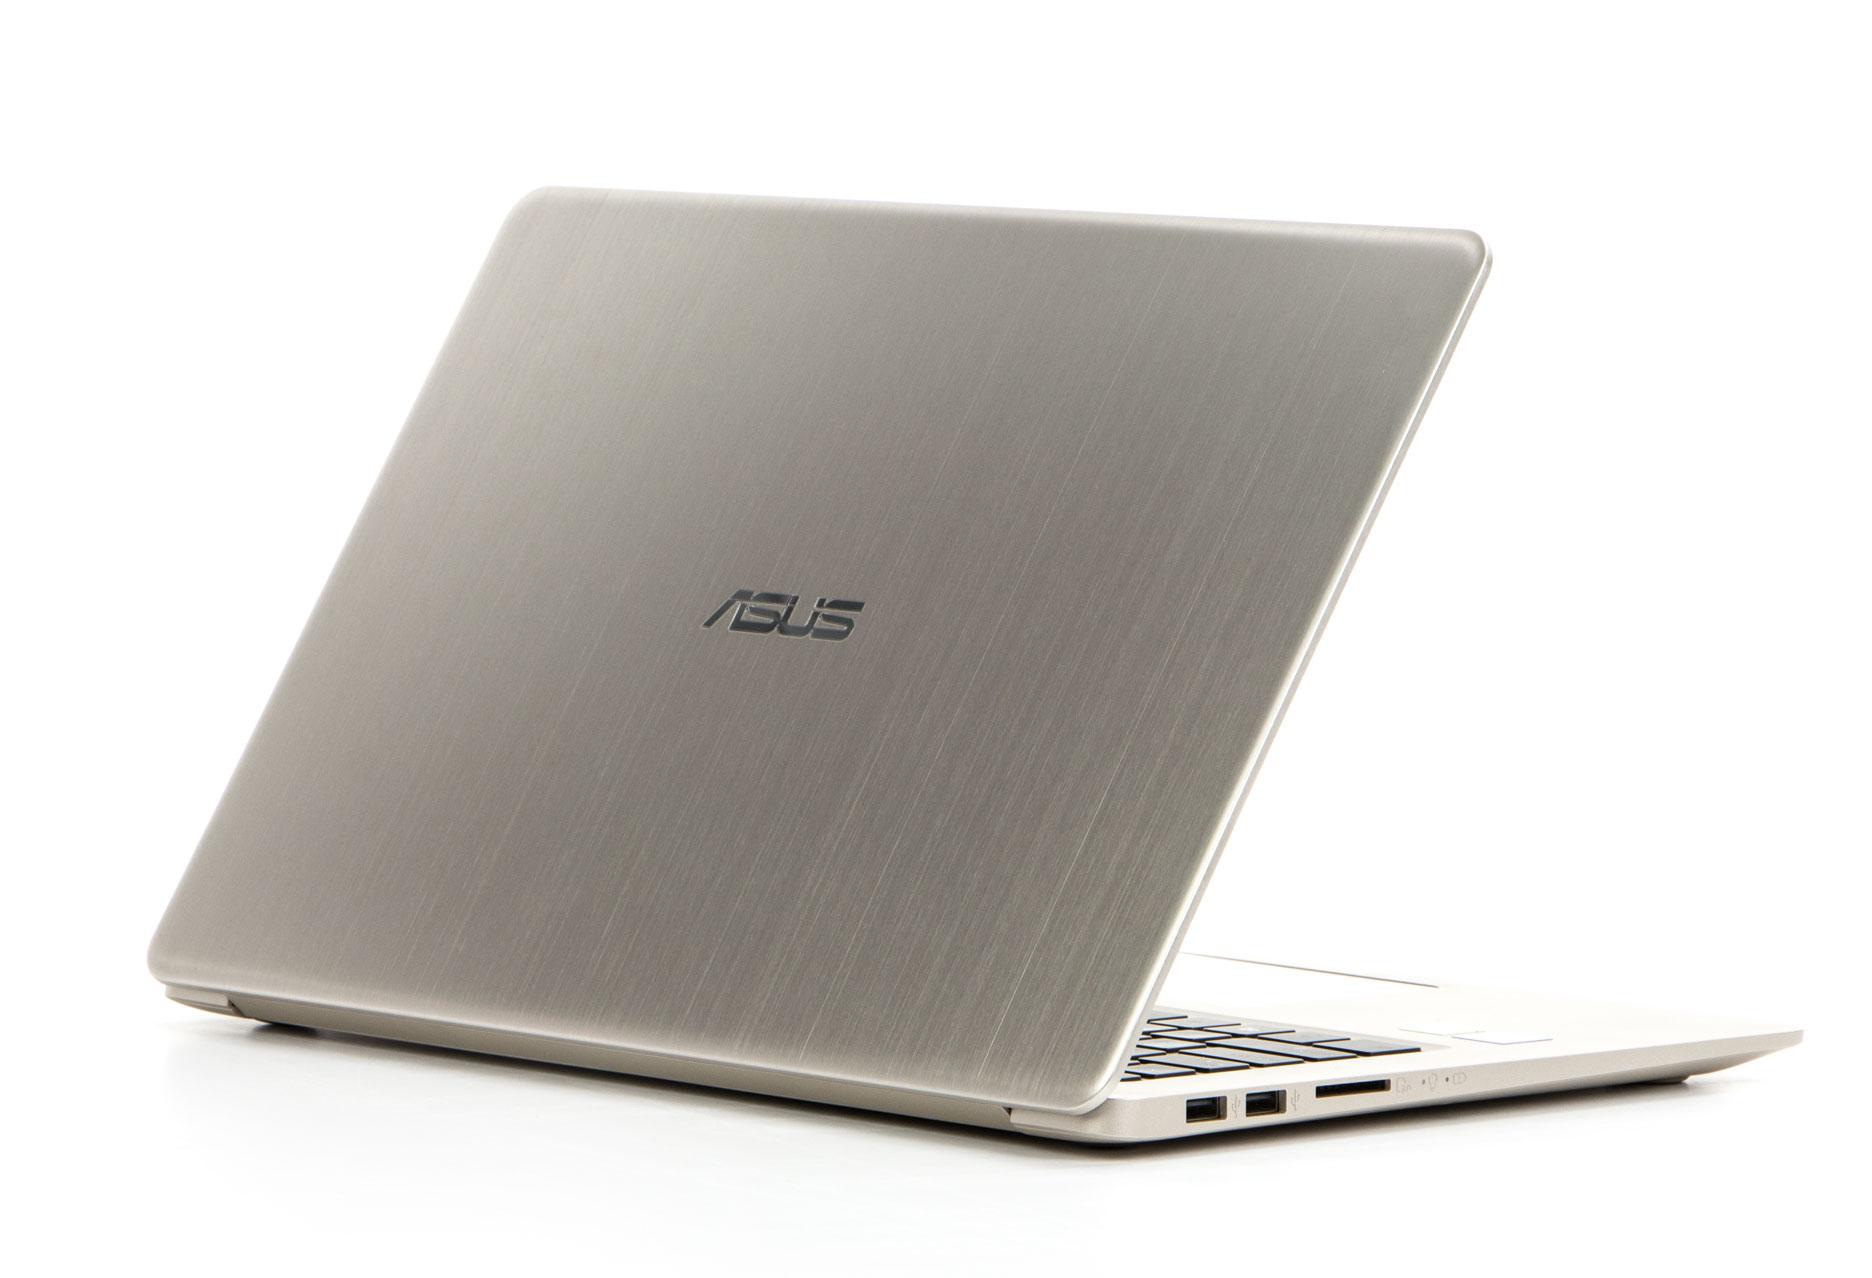 Asus VivoBook S15 tył profil